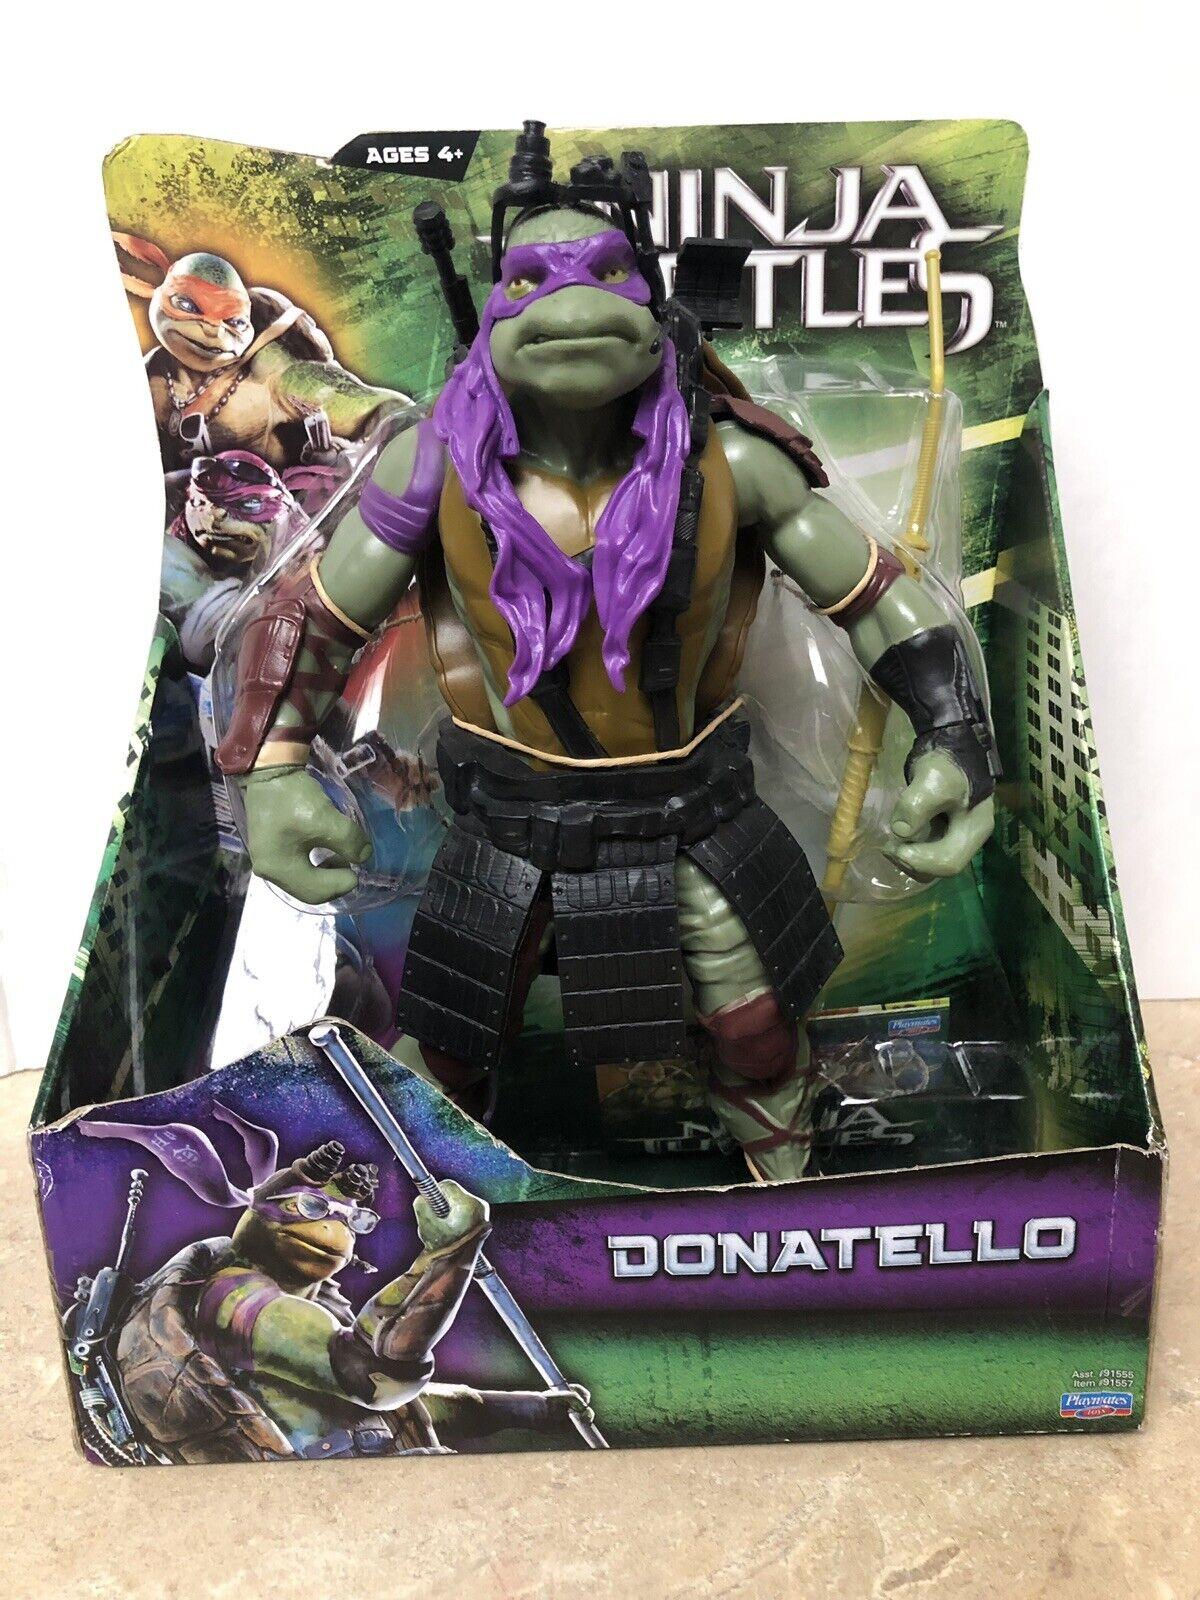 New Donatello Teenage Mutant Ninja Turtles Turtles Turtles Movie 11  Purple Action Figure - READ f3e28b